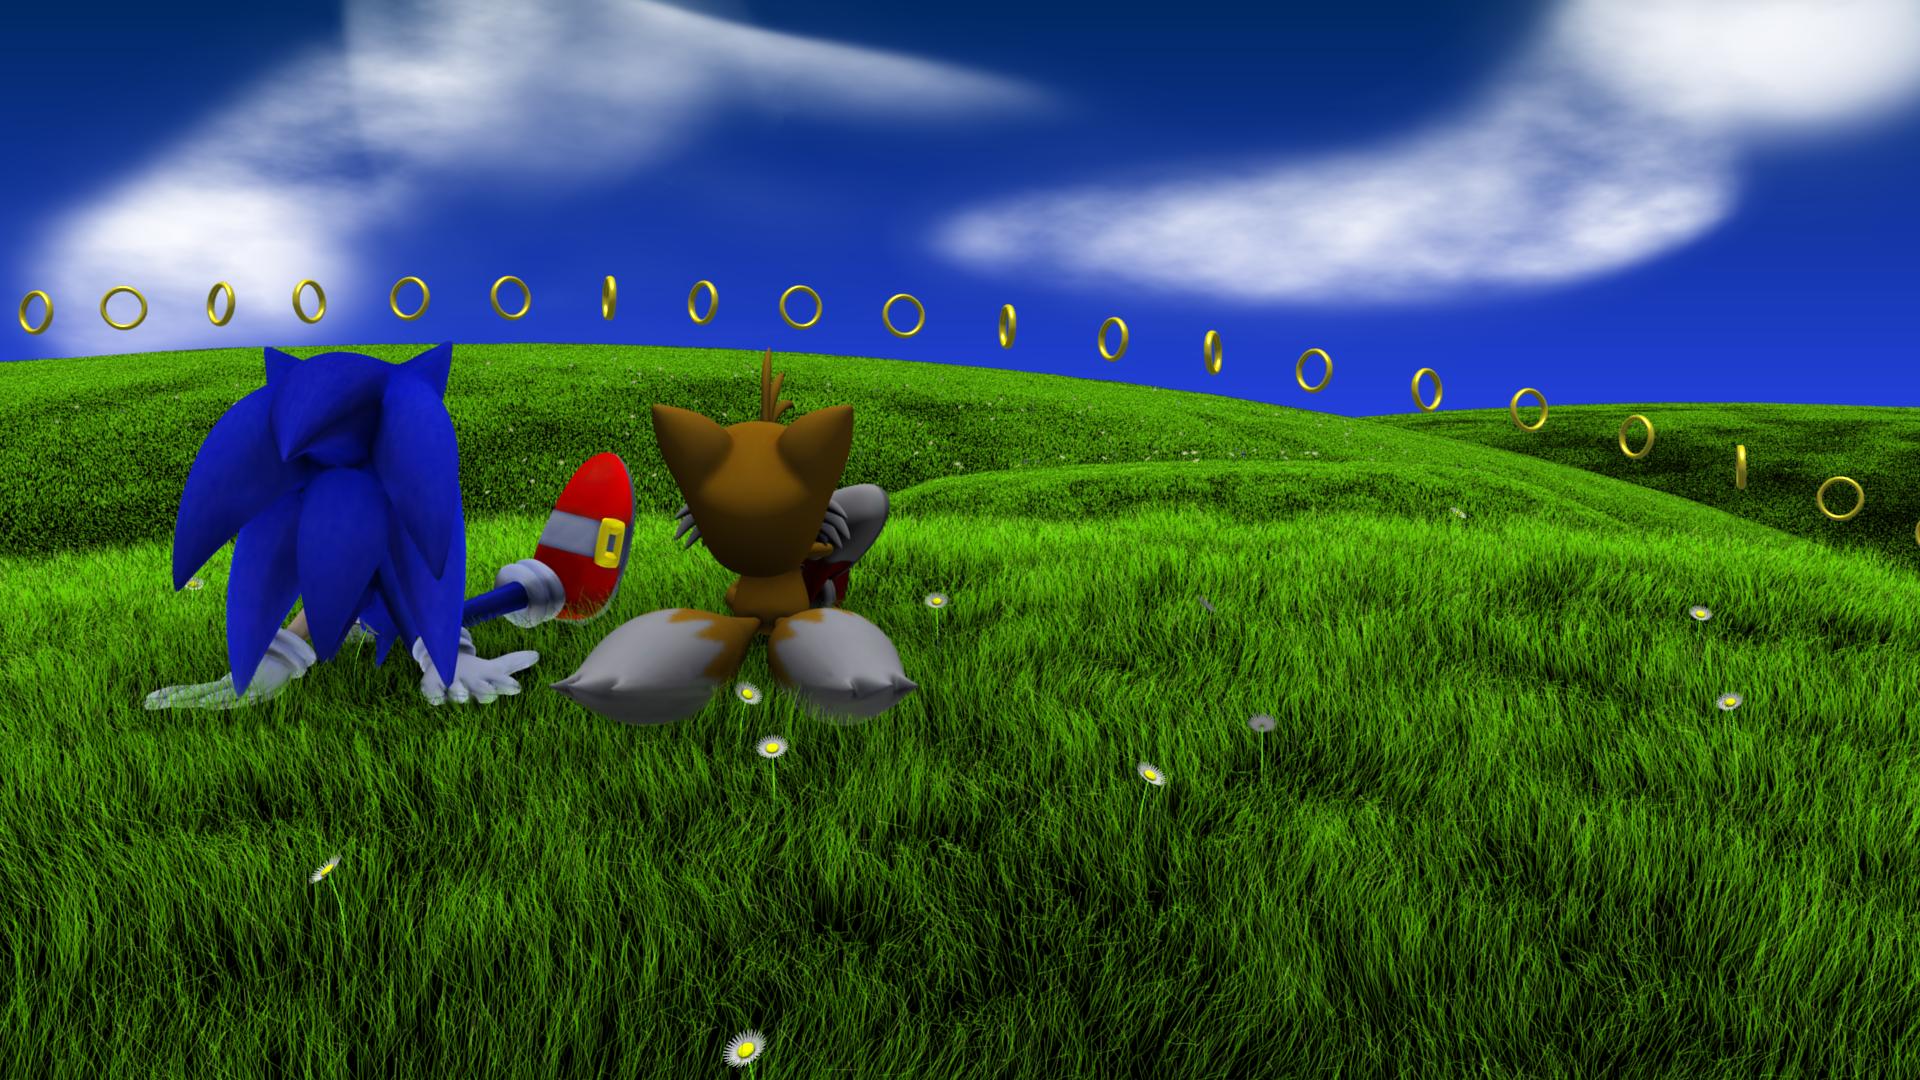 <b>Sonic</b> The Hedgehog <b>Wallpapers</b> 2015 - <b>Wallpaper</b> Cave